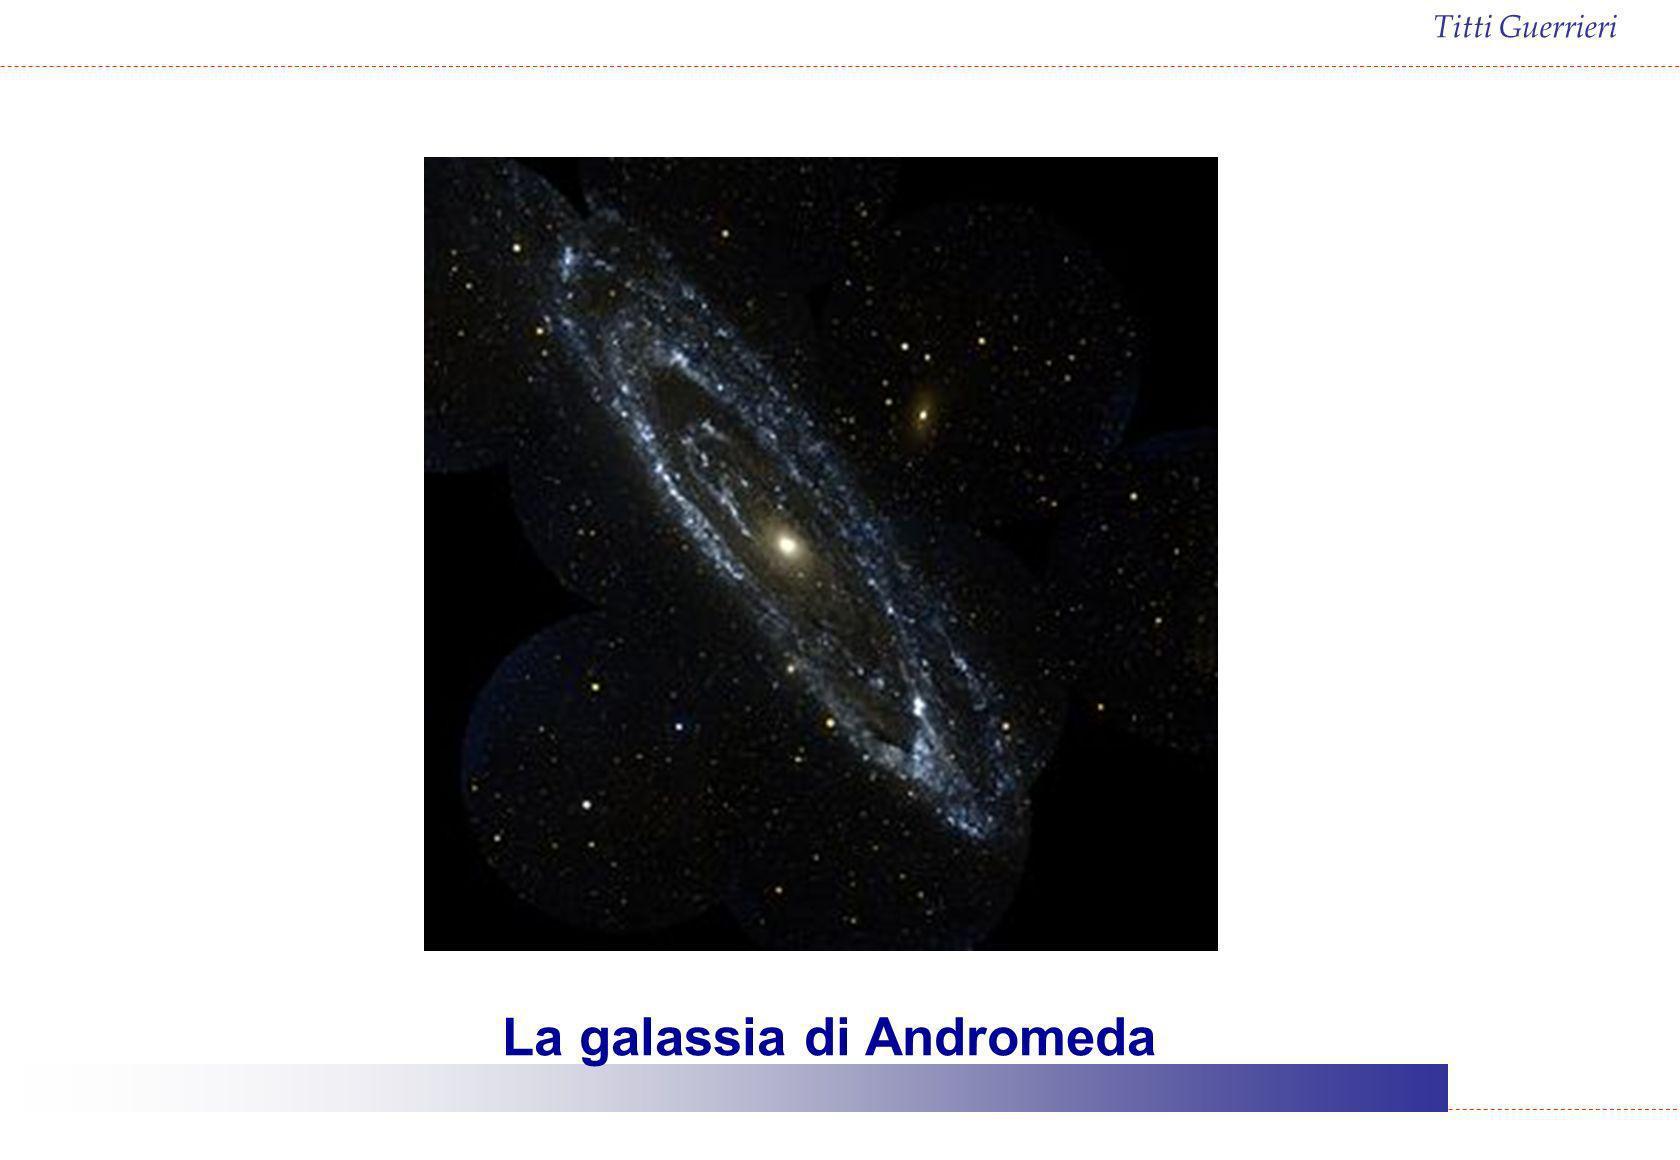 Titti Guerrieri La galassia di Andromeda